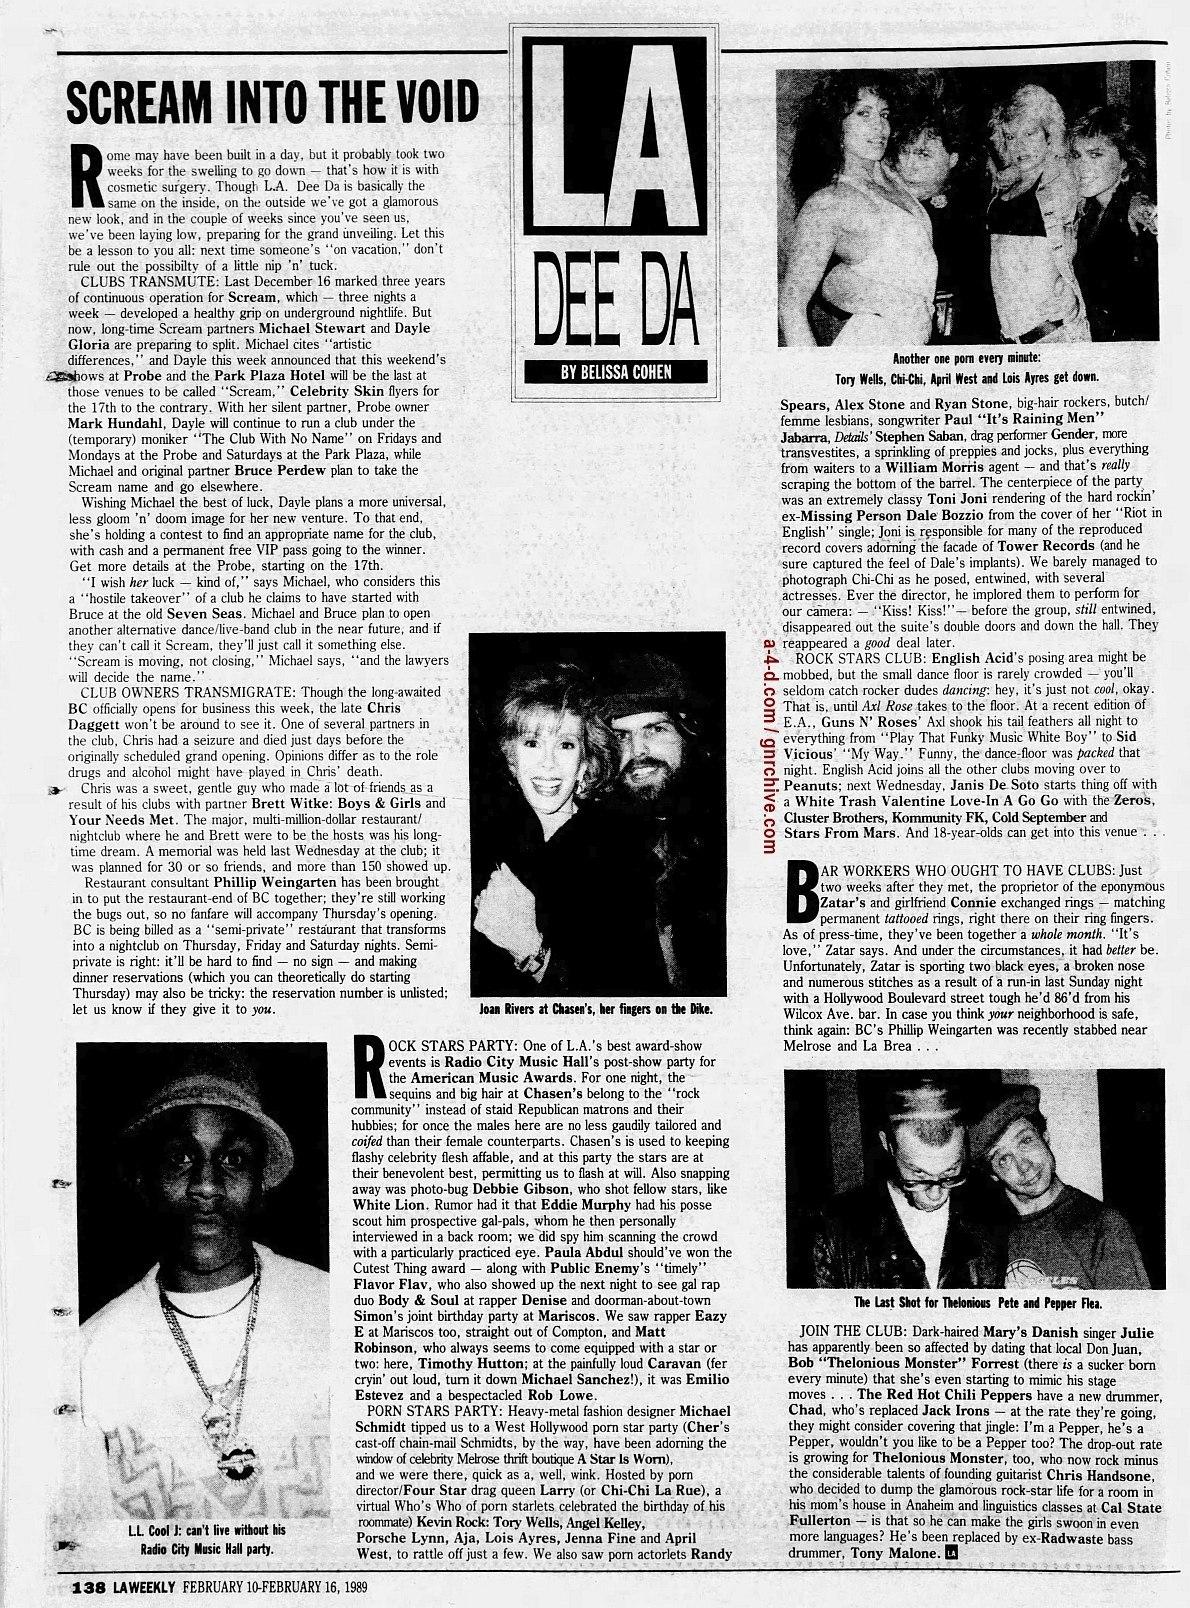 1989.02.10 - L.A. Weekly - L.A. Dee Da (Axl) 1989_014